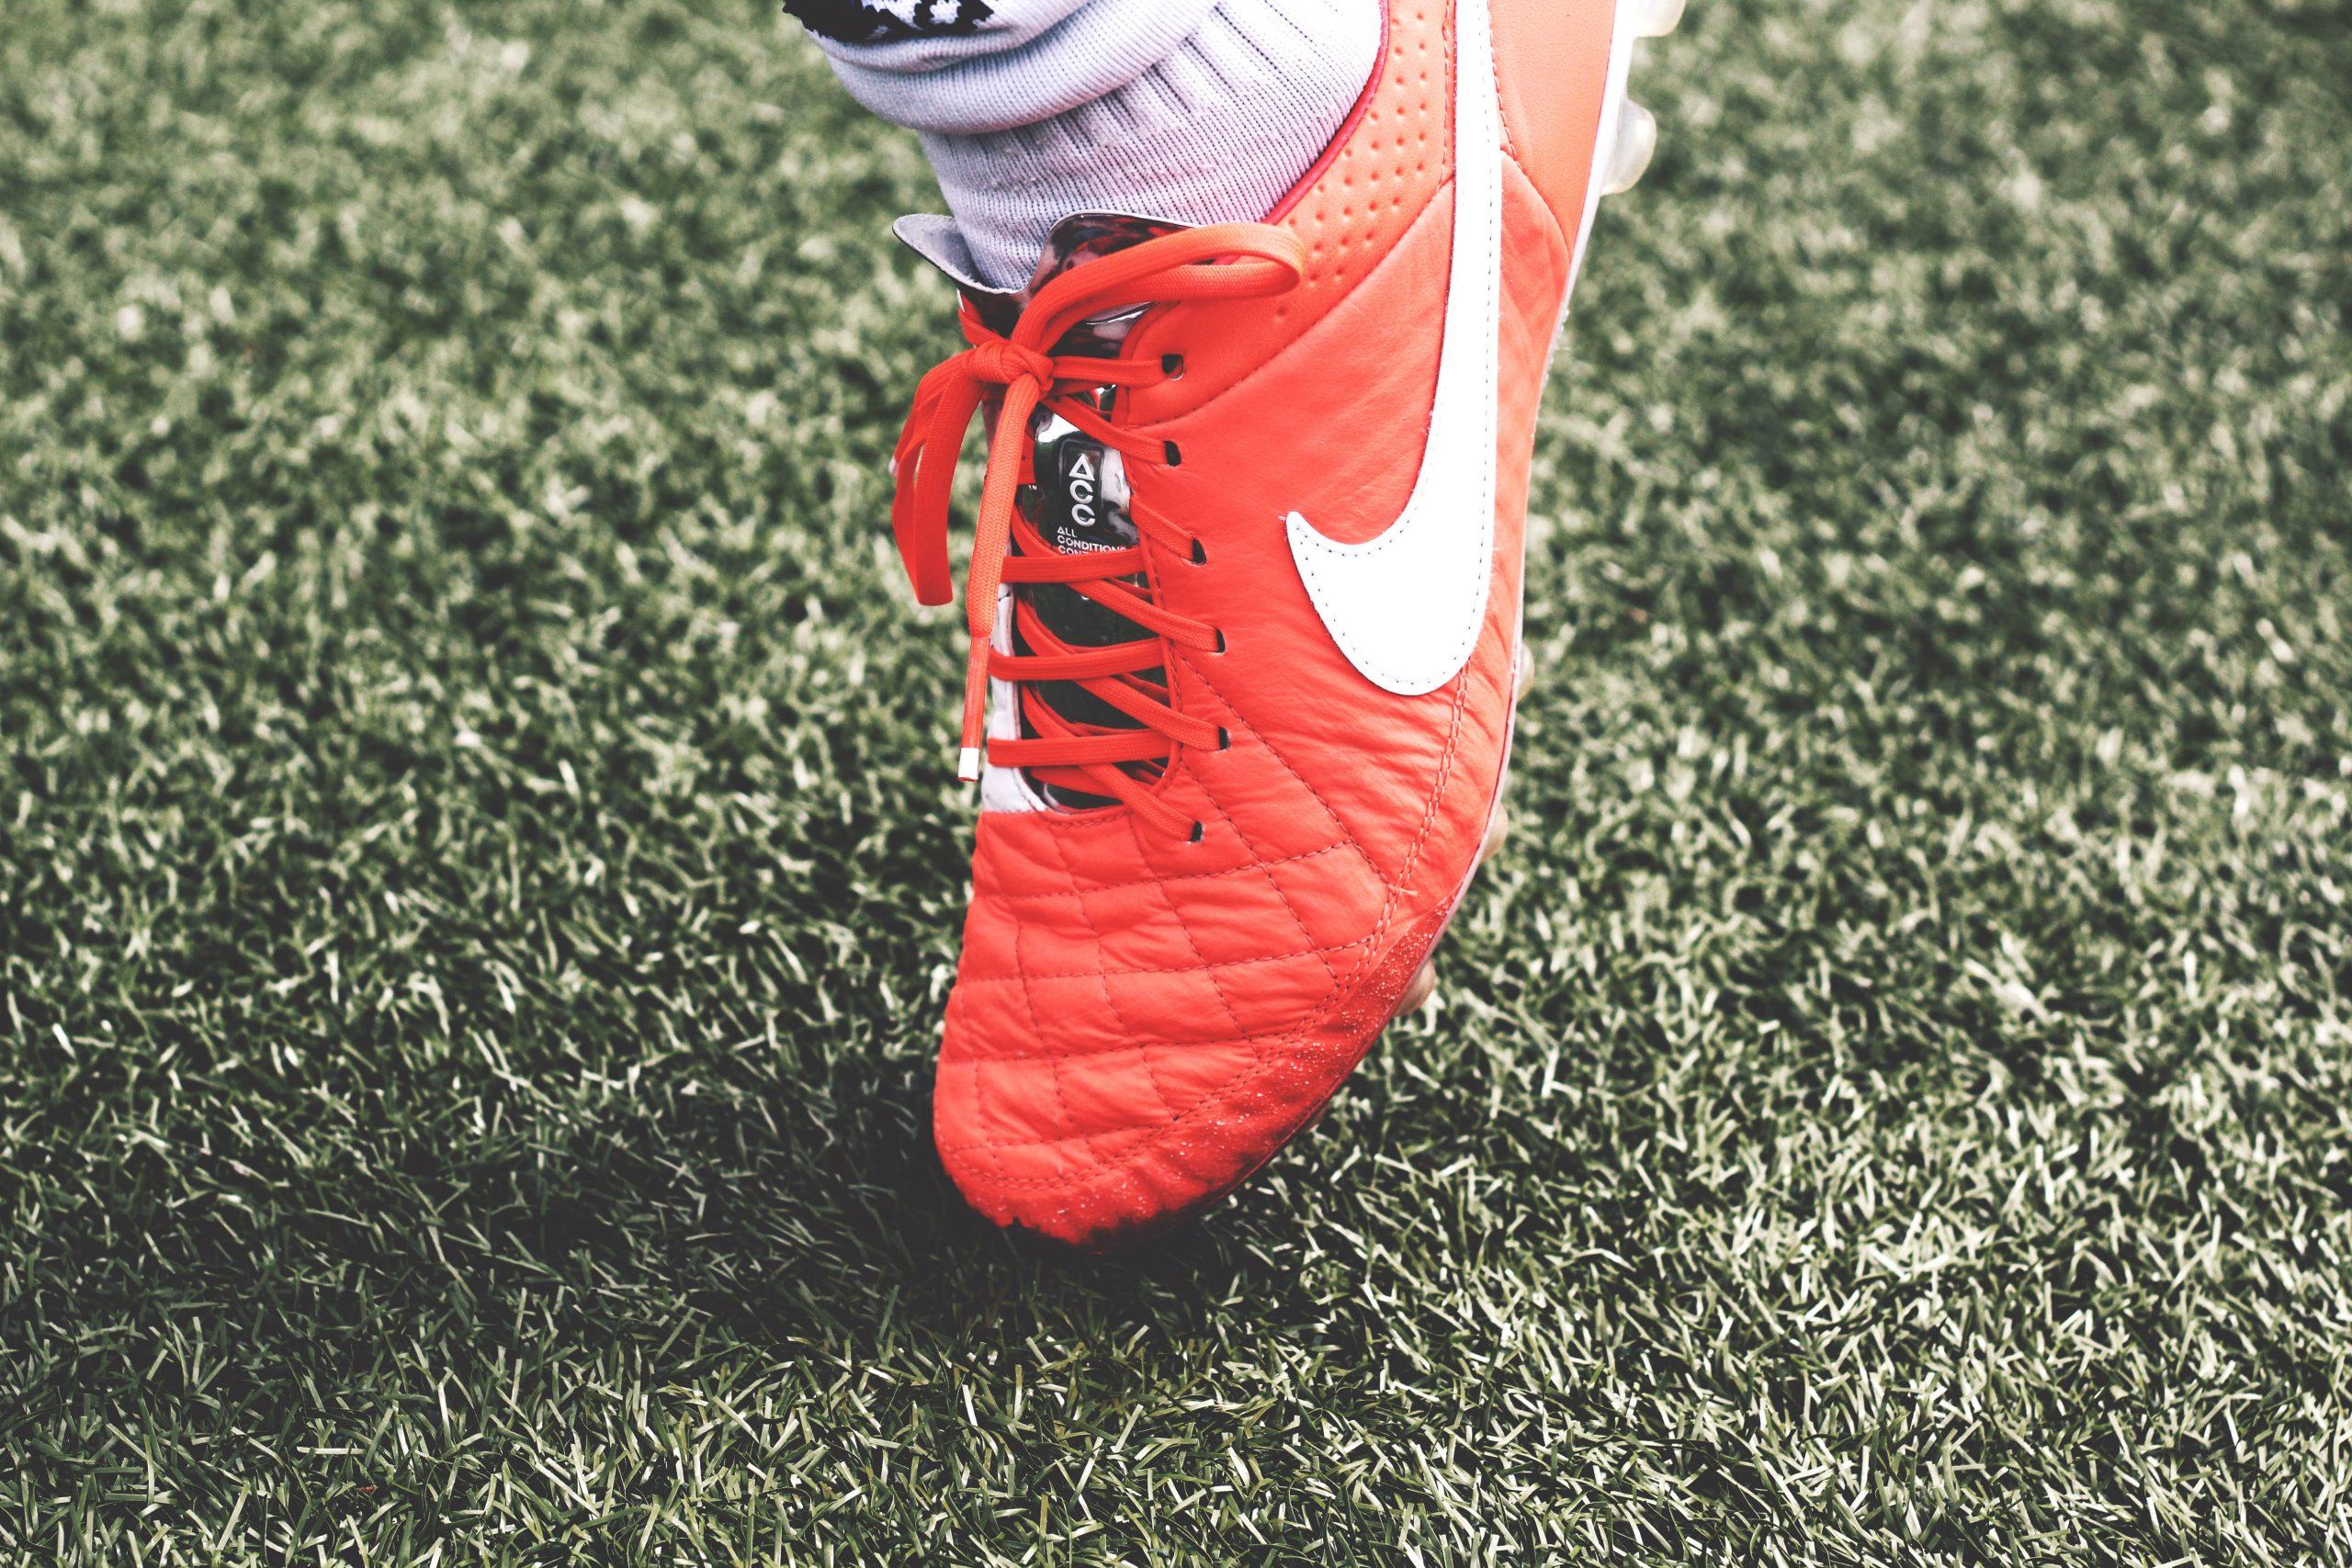 Imagem mostra um pé calçado de uma chuteira Nike, que apoia seu bico num gramado baixo.